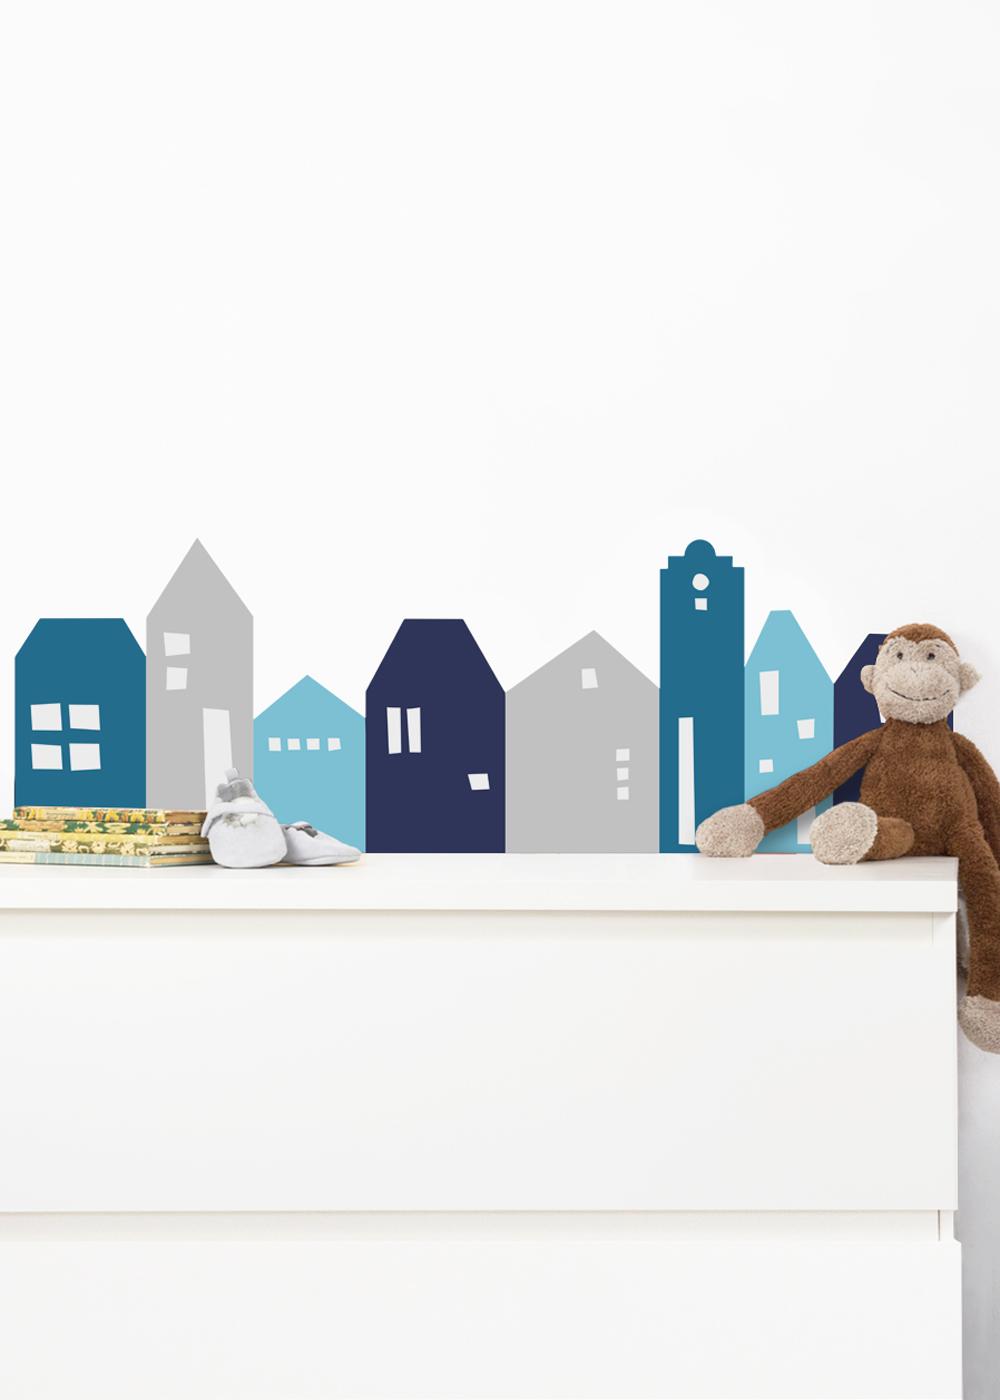 Ikea Mansarp Bilderleiste Lille Hus Blau hellgrau Gesamtansicht